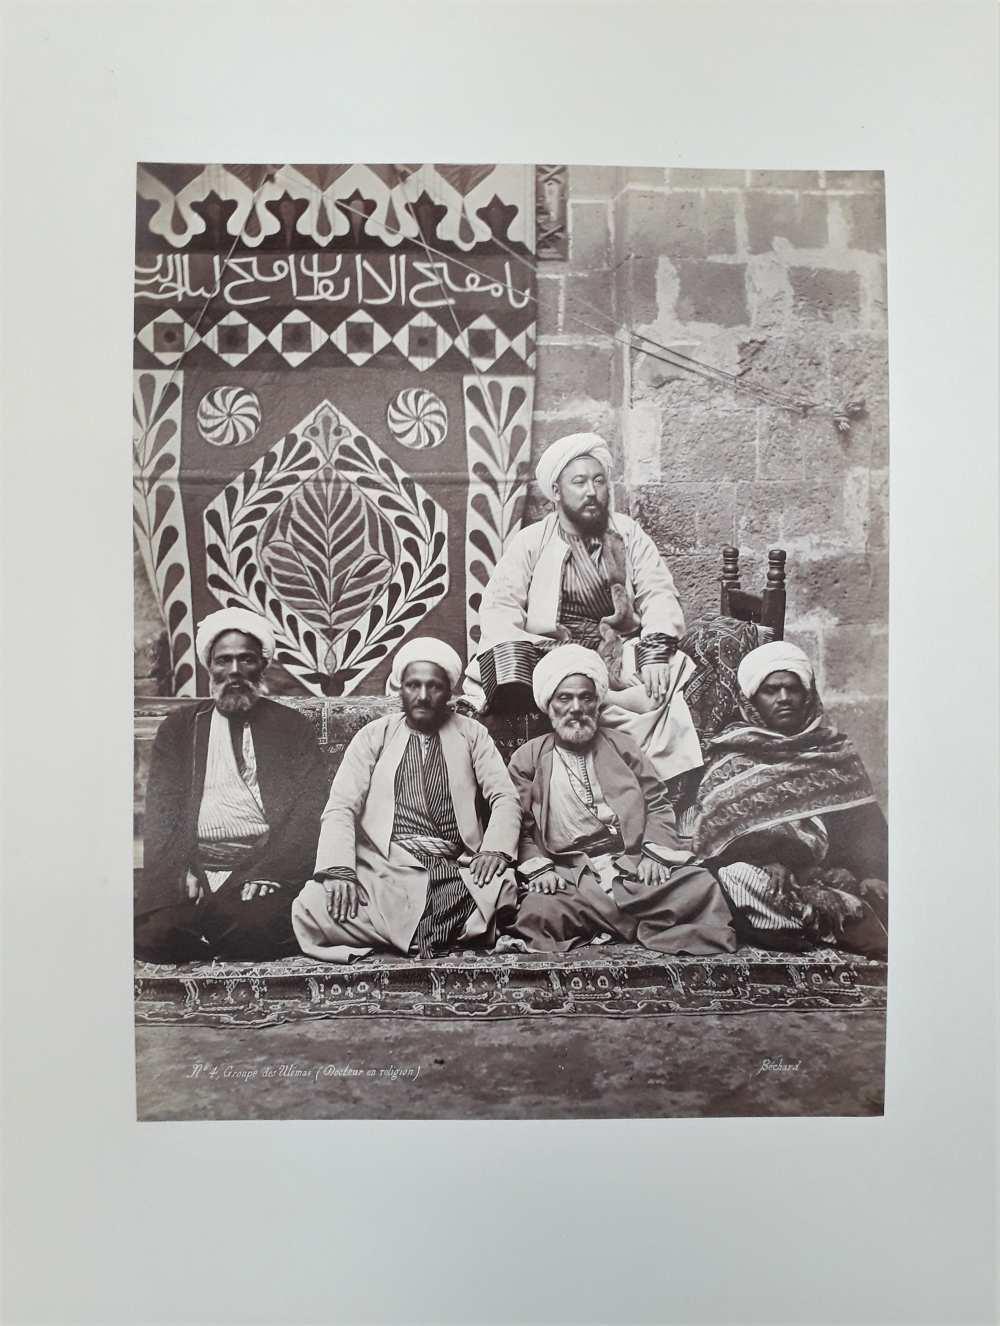 Henri Béchard: Iszlám vallástudósok (uléma) csoportképe, 1870-es évek. Fénykép a Dm 488 jelzetű mappából.